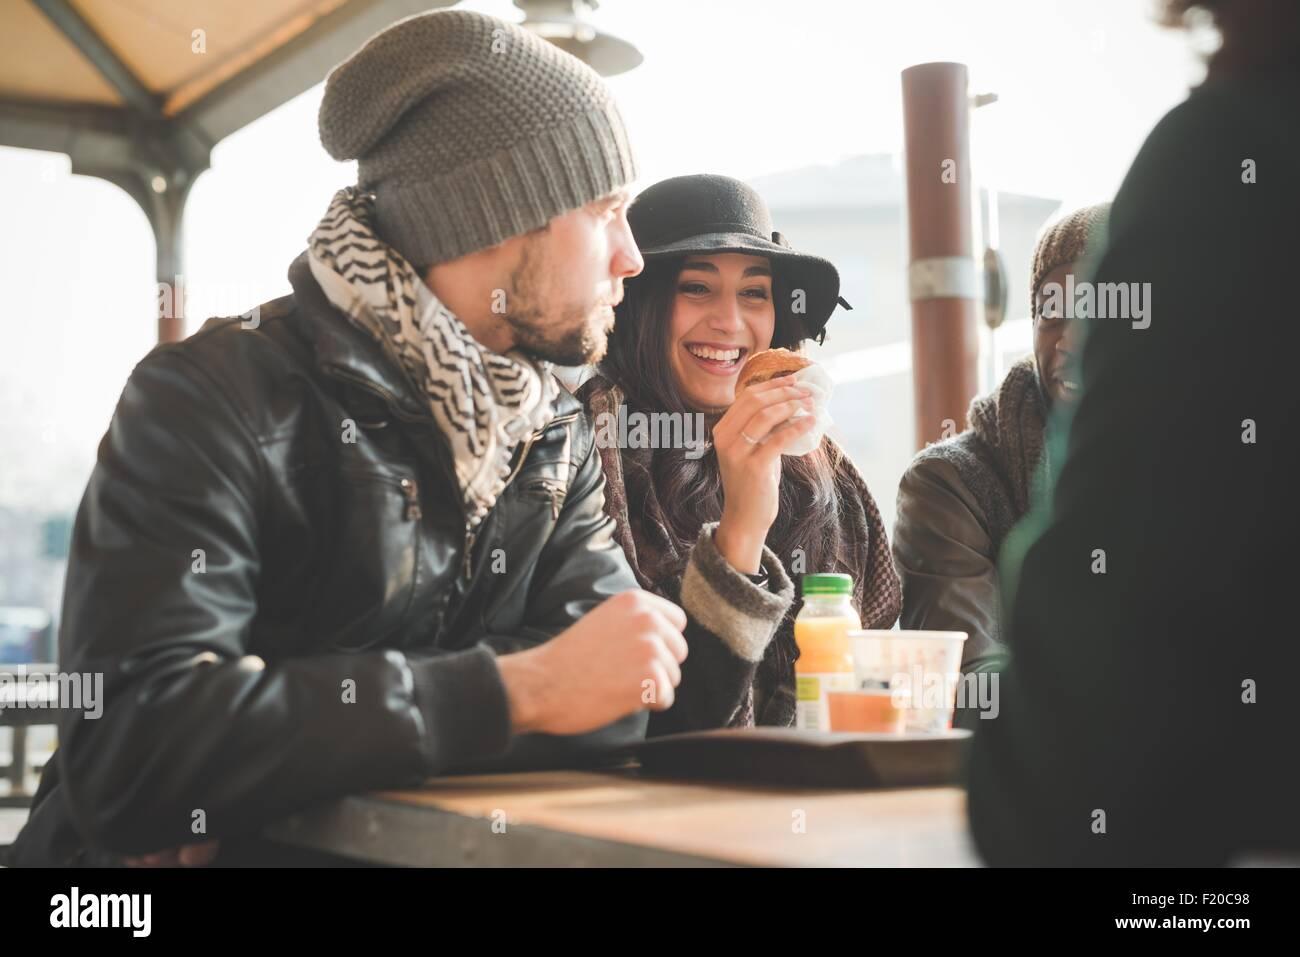 Cuatro adultos jóvenes amigos charlando y comiendo rosquillas en la cafetería Imagen De Stock